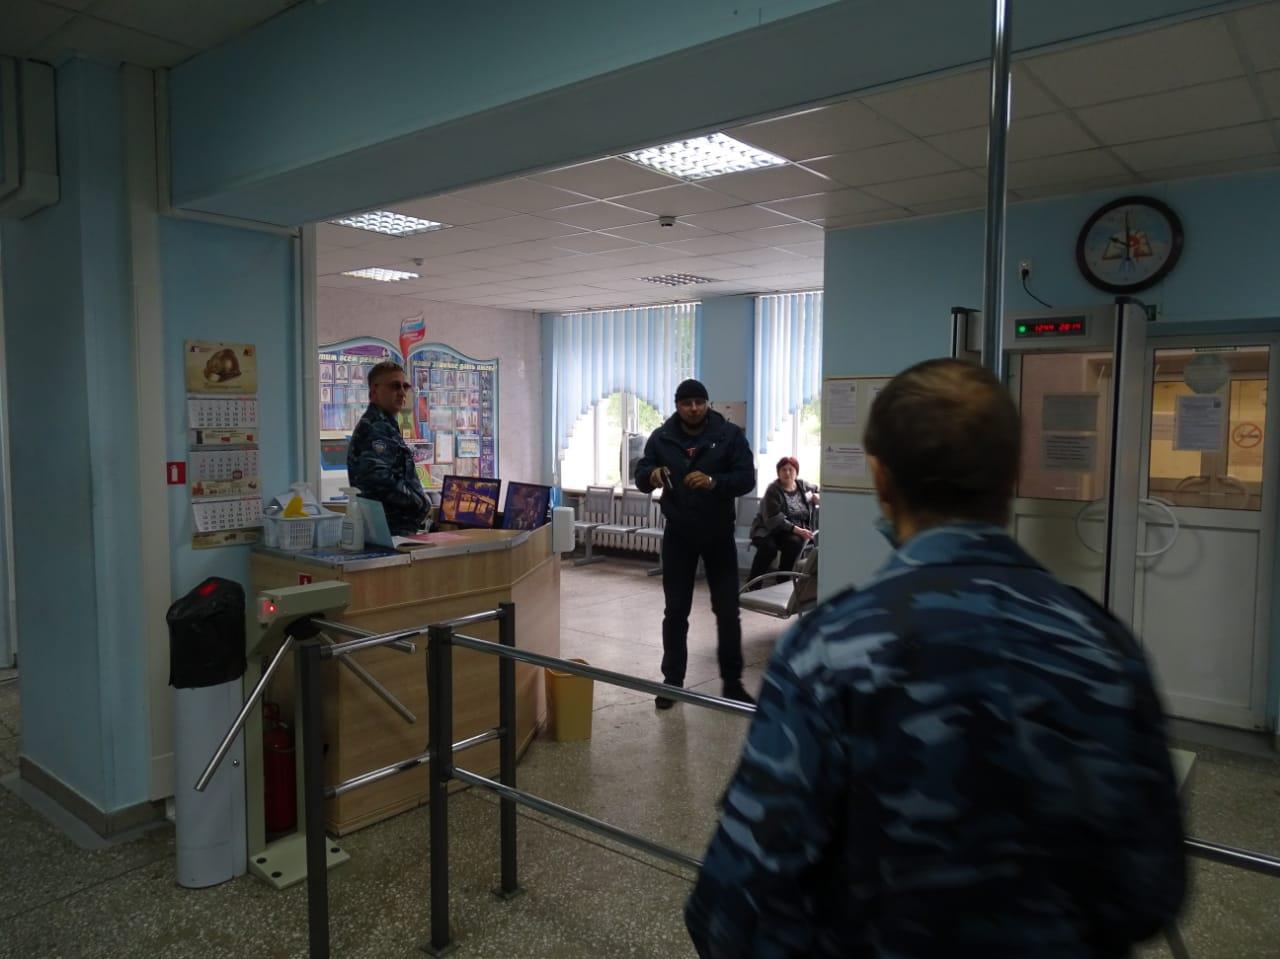 фото В школах Новосибирска отработали защиту от терактов после стрельбы в Казани 2